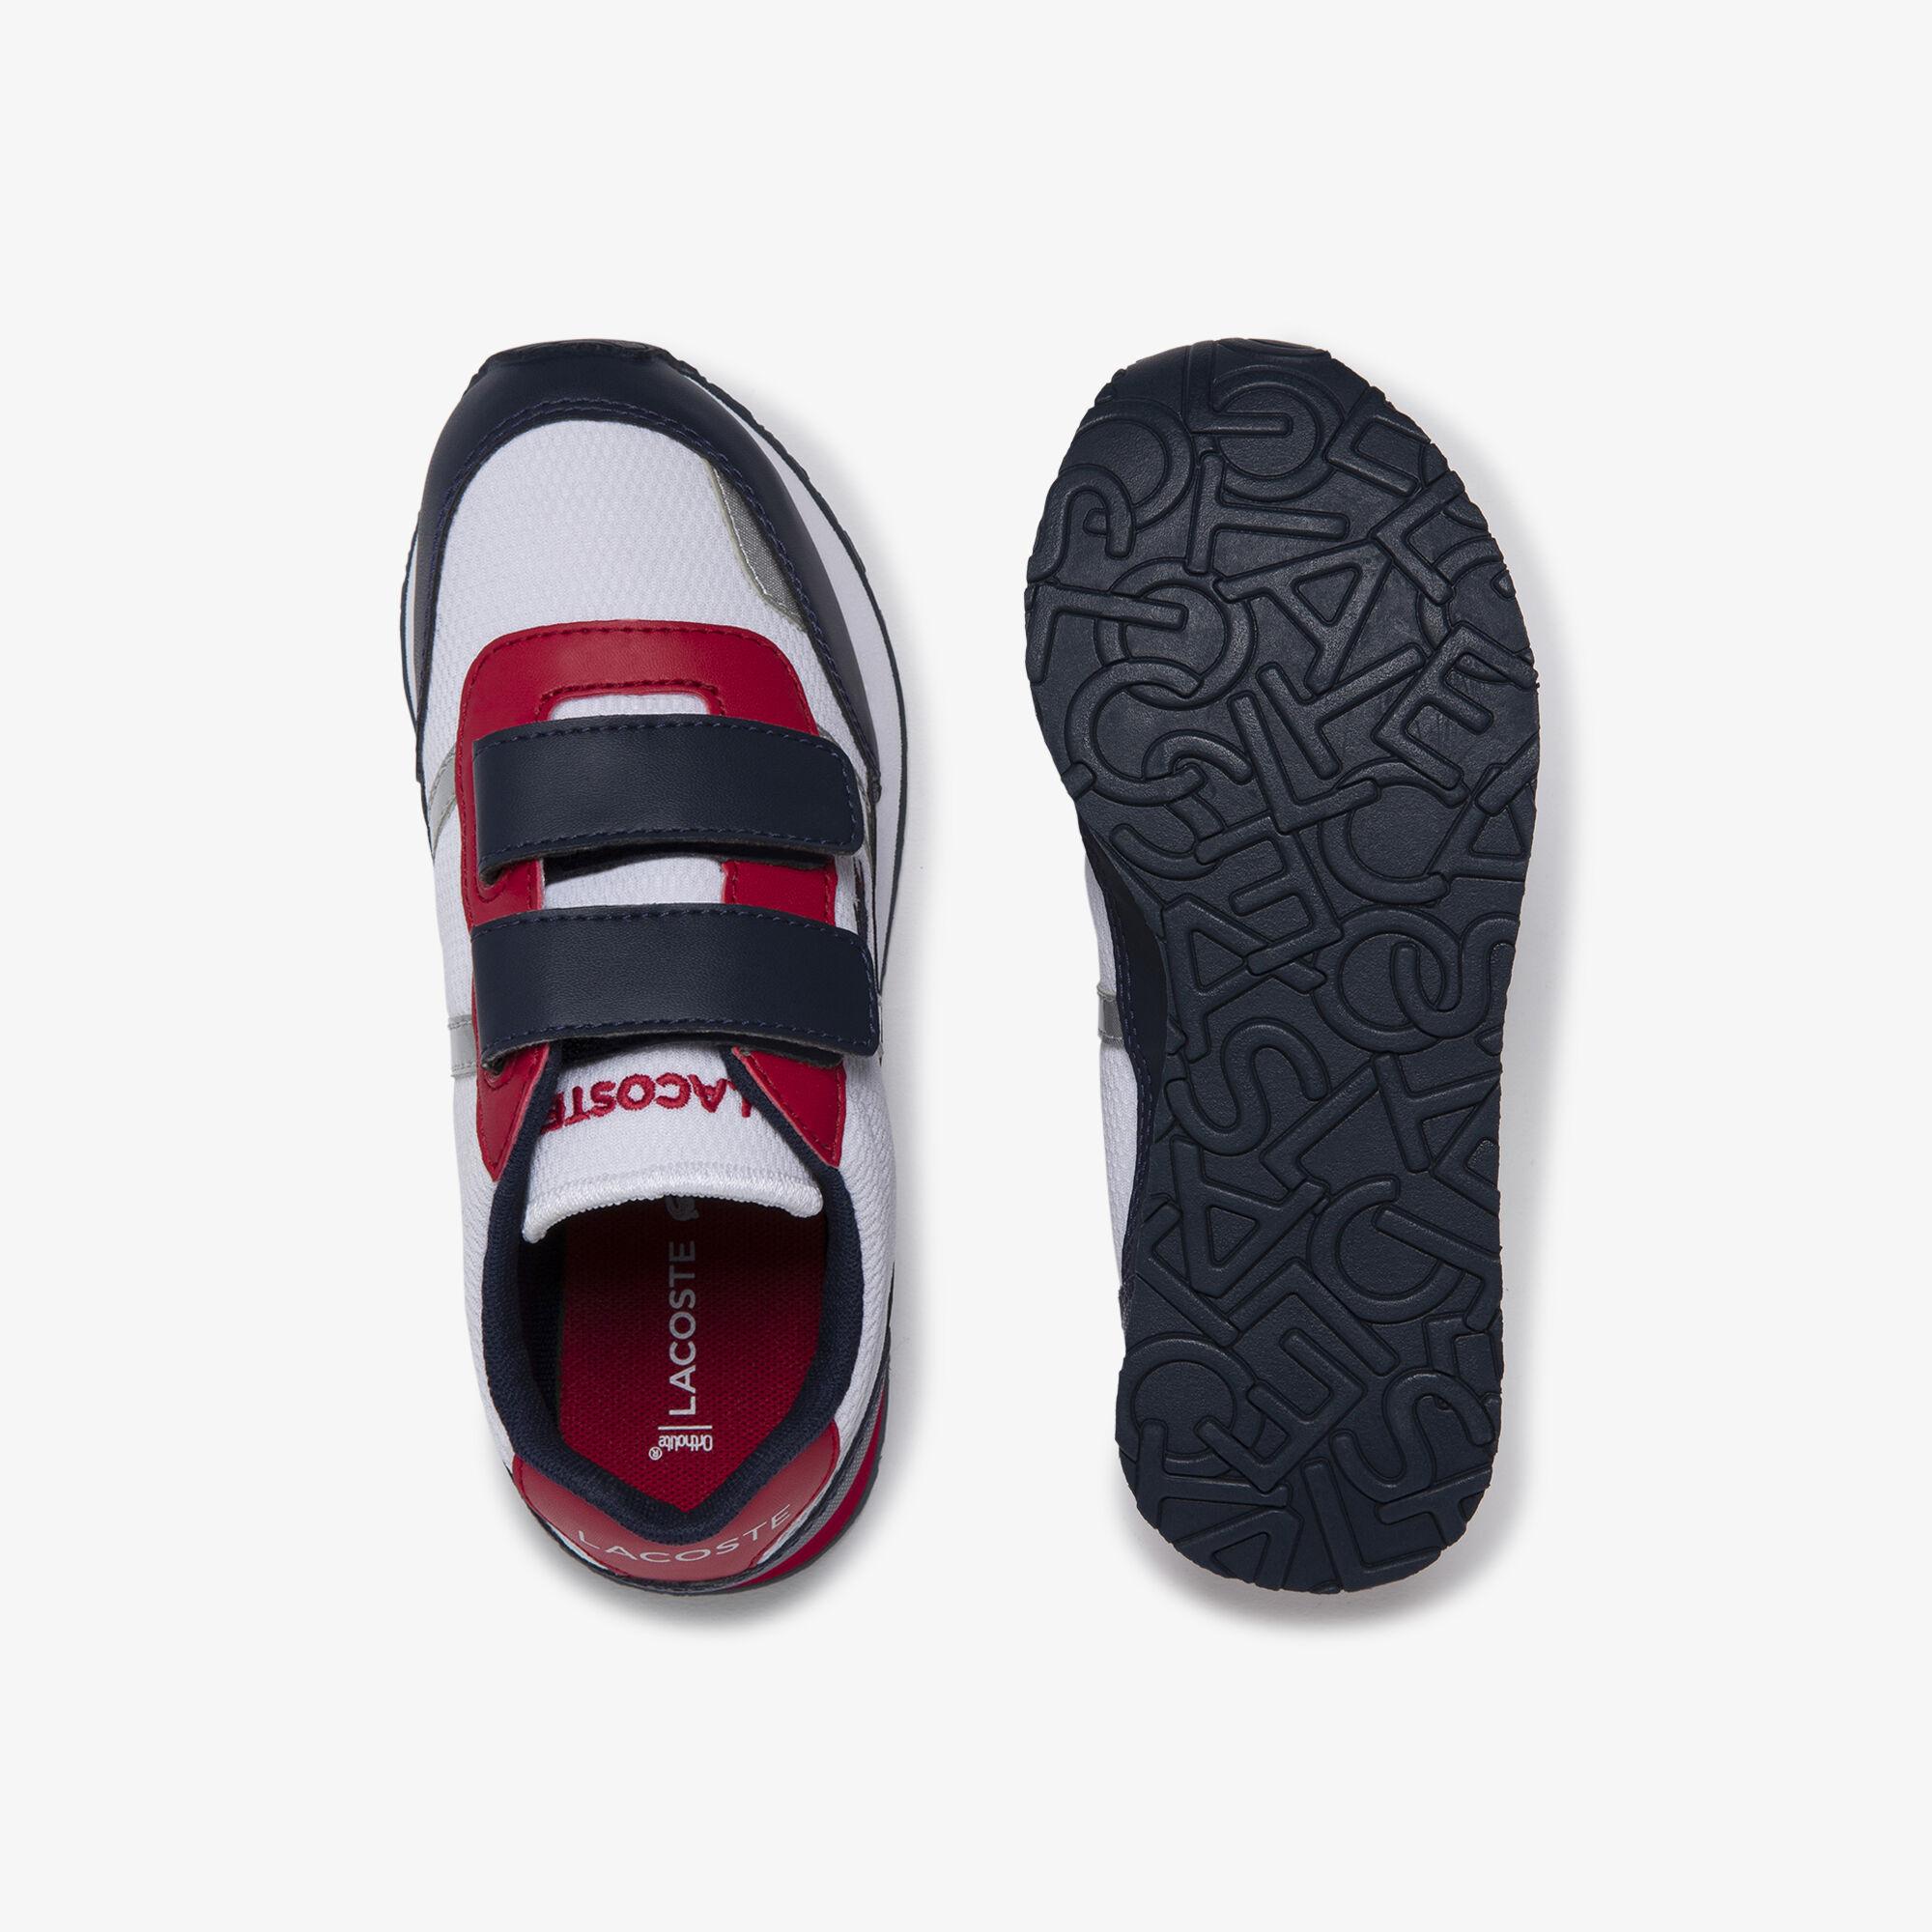 حذاء رياضي من القماش والمواد الاصطناعية من مجموعة Partner للأطفال